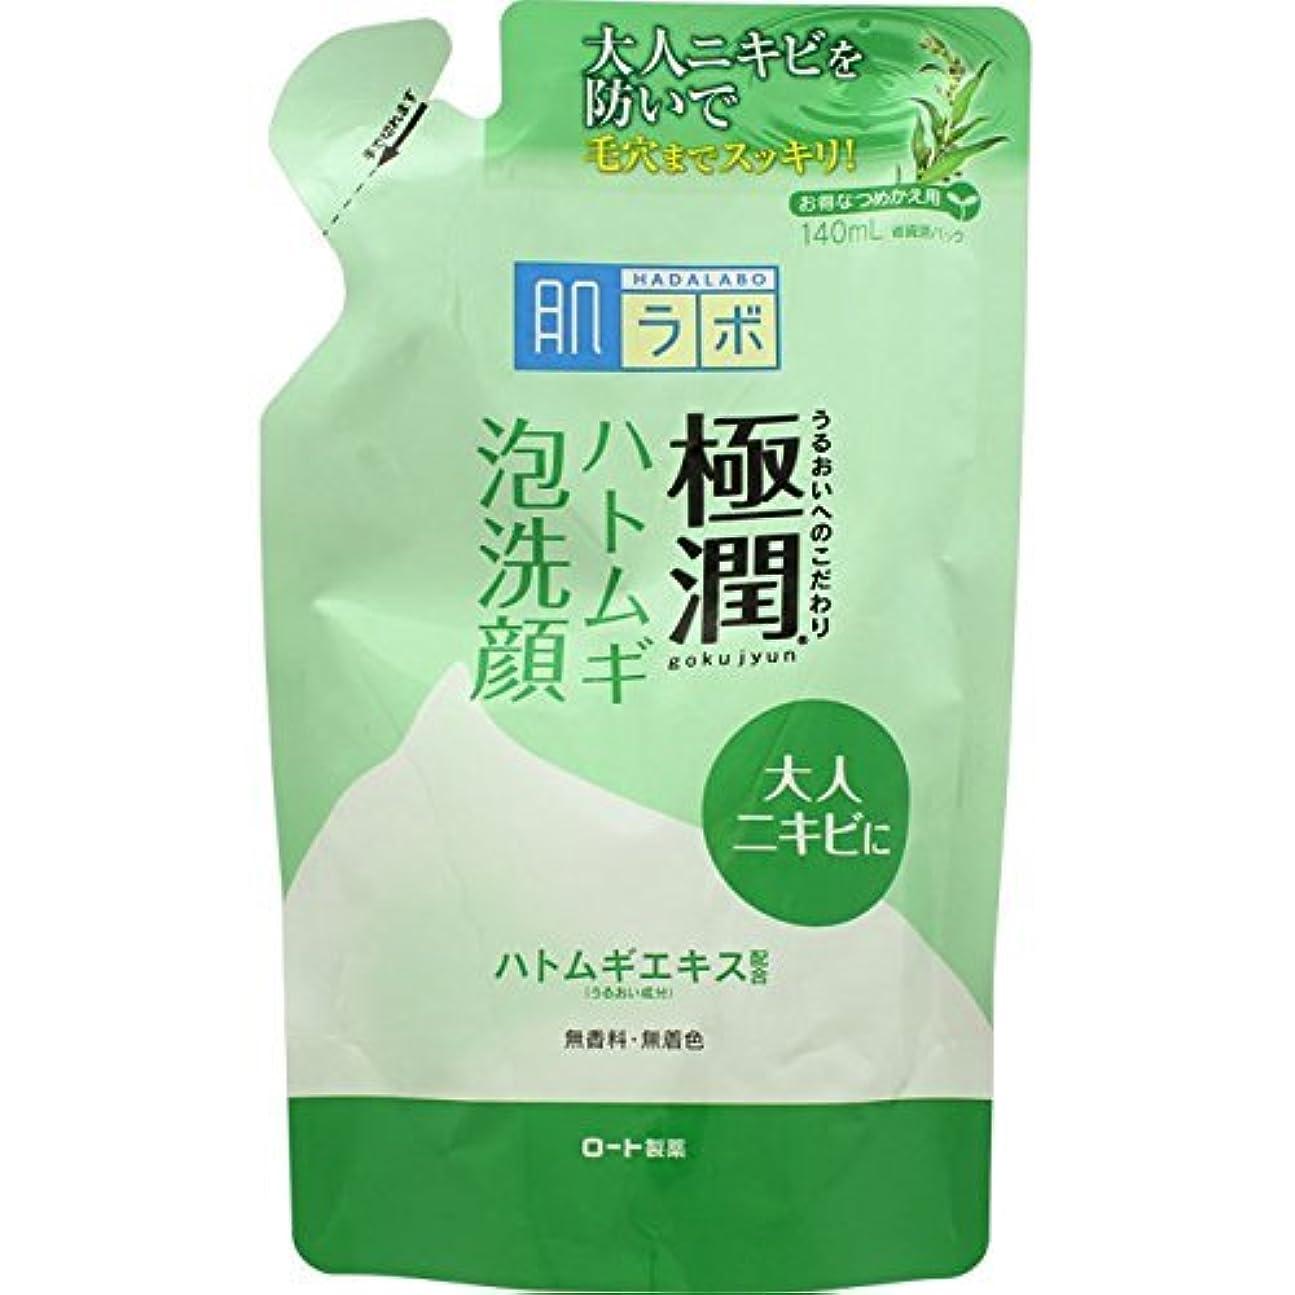 豪華な下につまらない肌ラボ 極潤 ハトムギ泡洗顔 つめかえ用 140mL